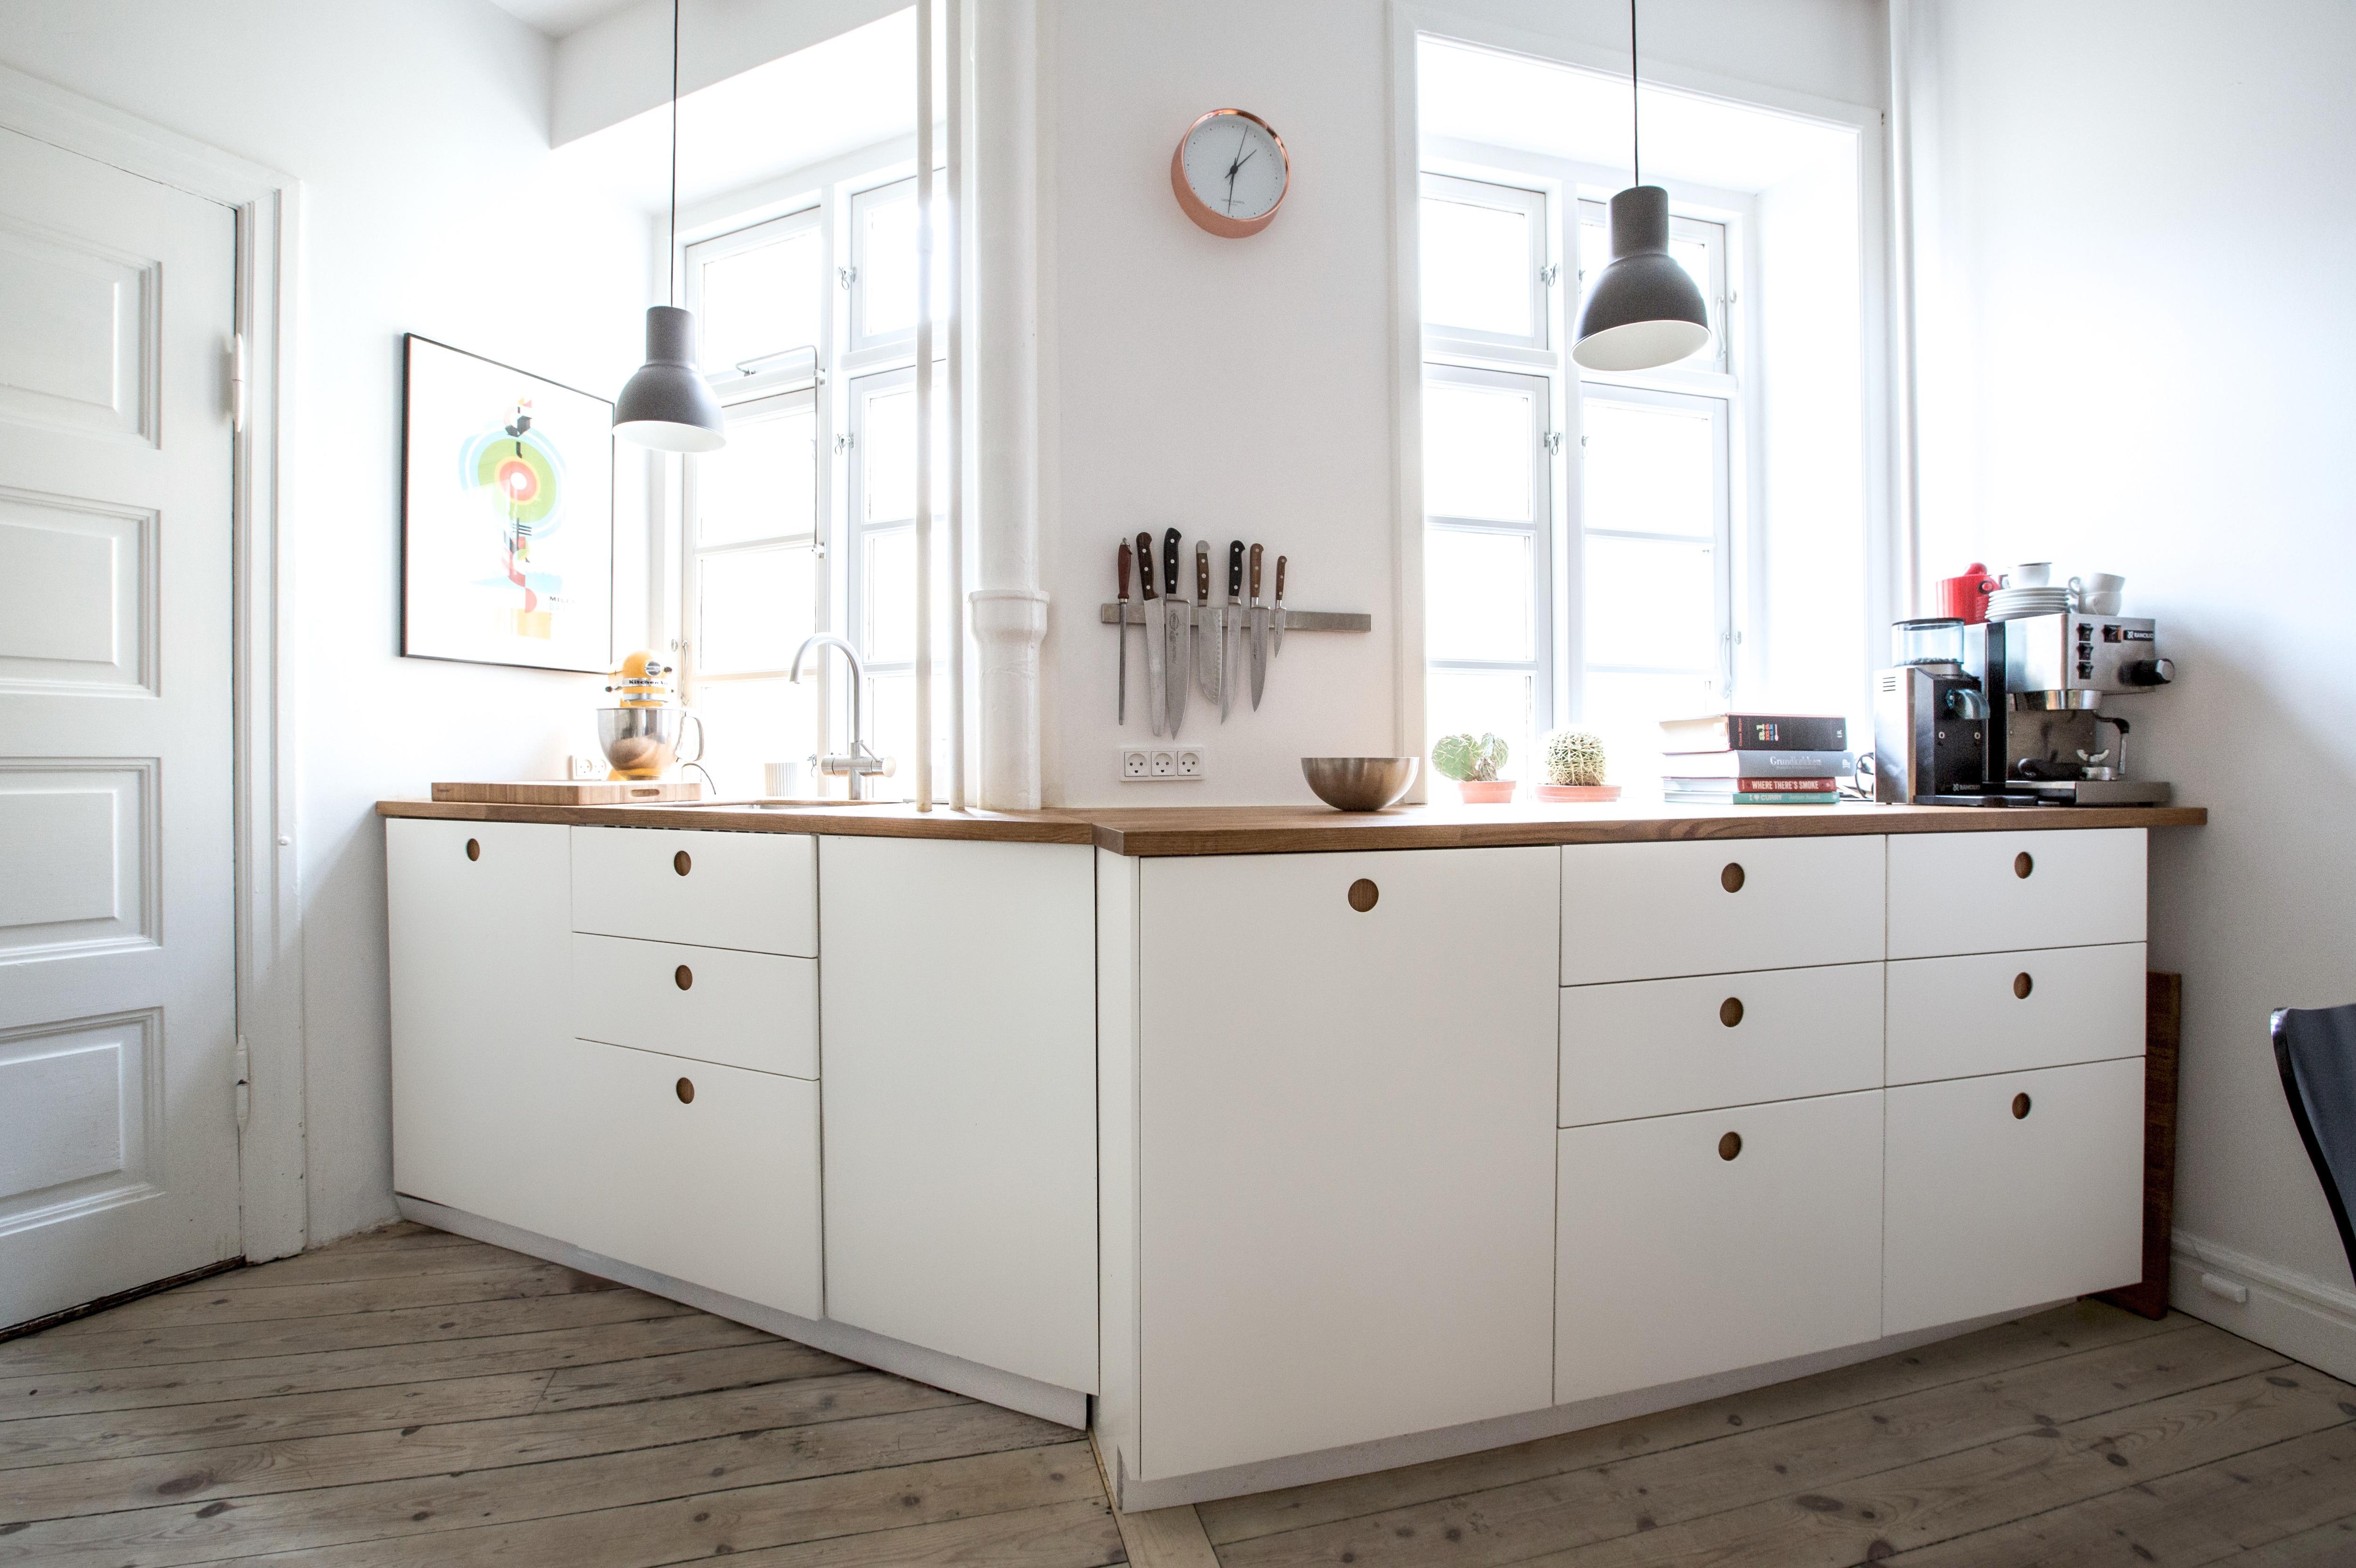 Emejing Ikea Crea Cucina Contemporary - Ideas & Design 2017 ...